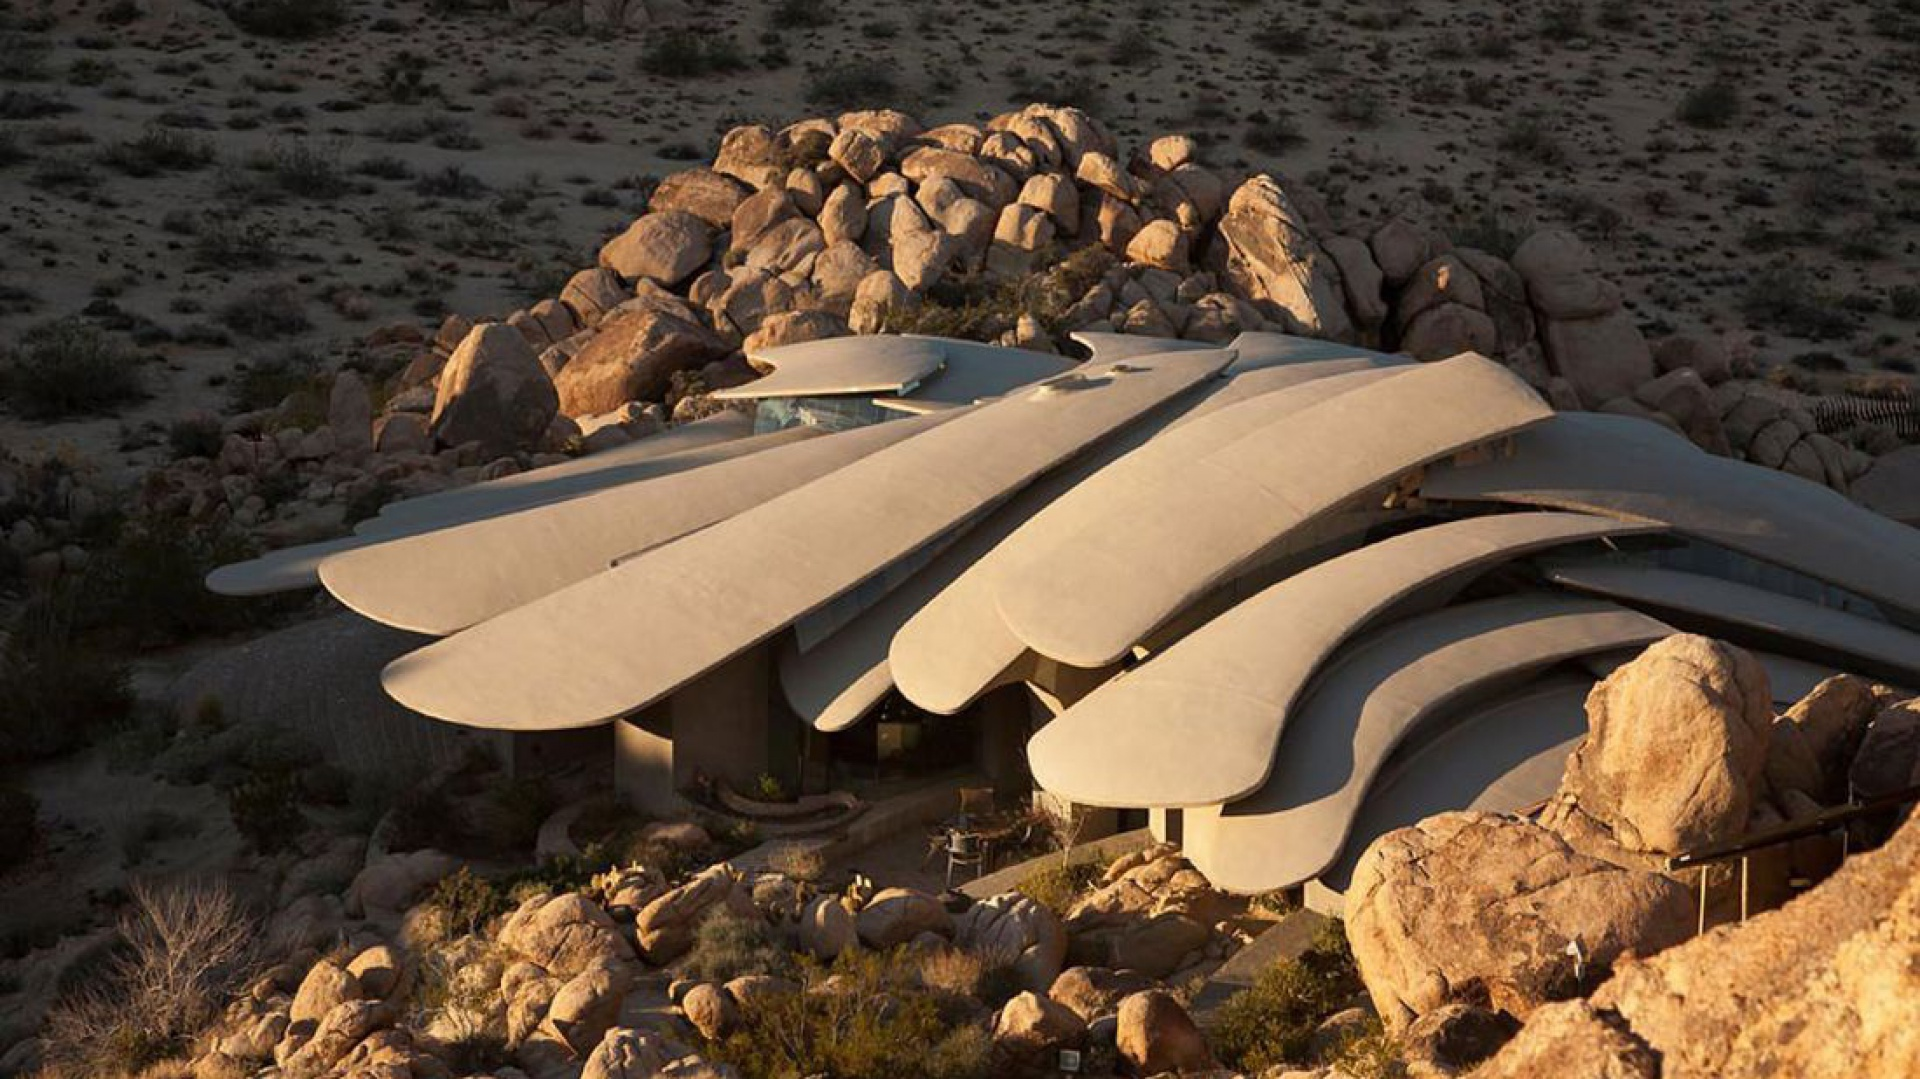 Bryła domu, widoczny niezwykły dach. Fot. Organicmodernestate.com, TKK Represents.